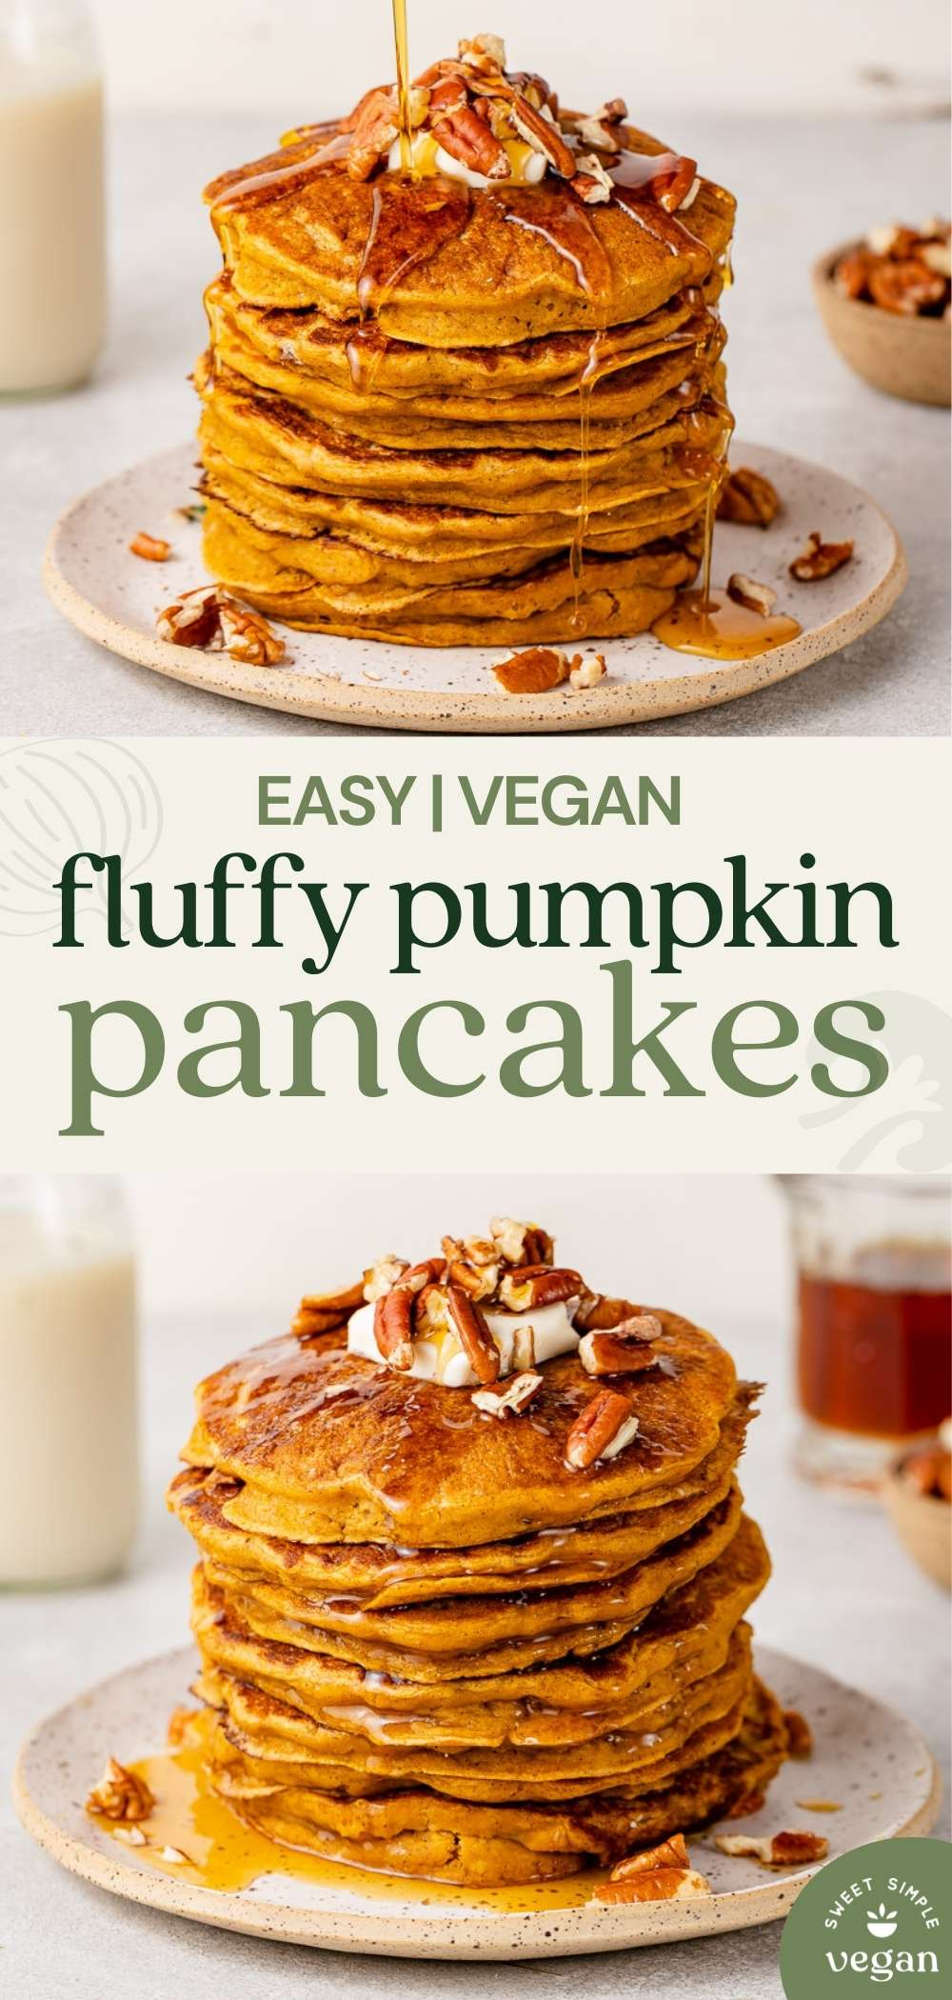 easy vegan fluffy pumpkin pancakes image for pinterest